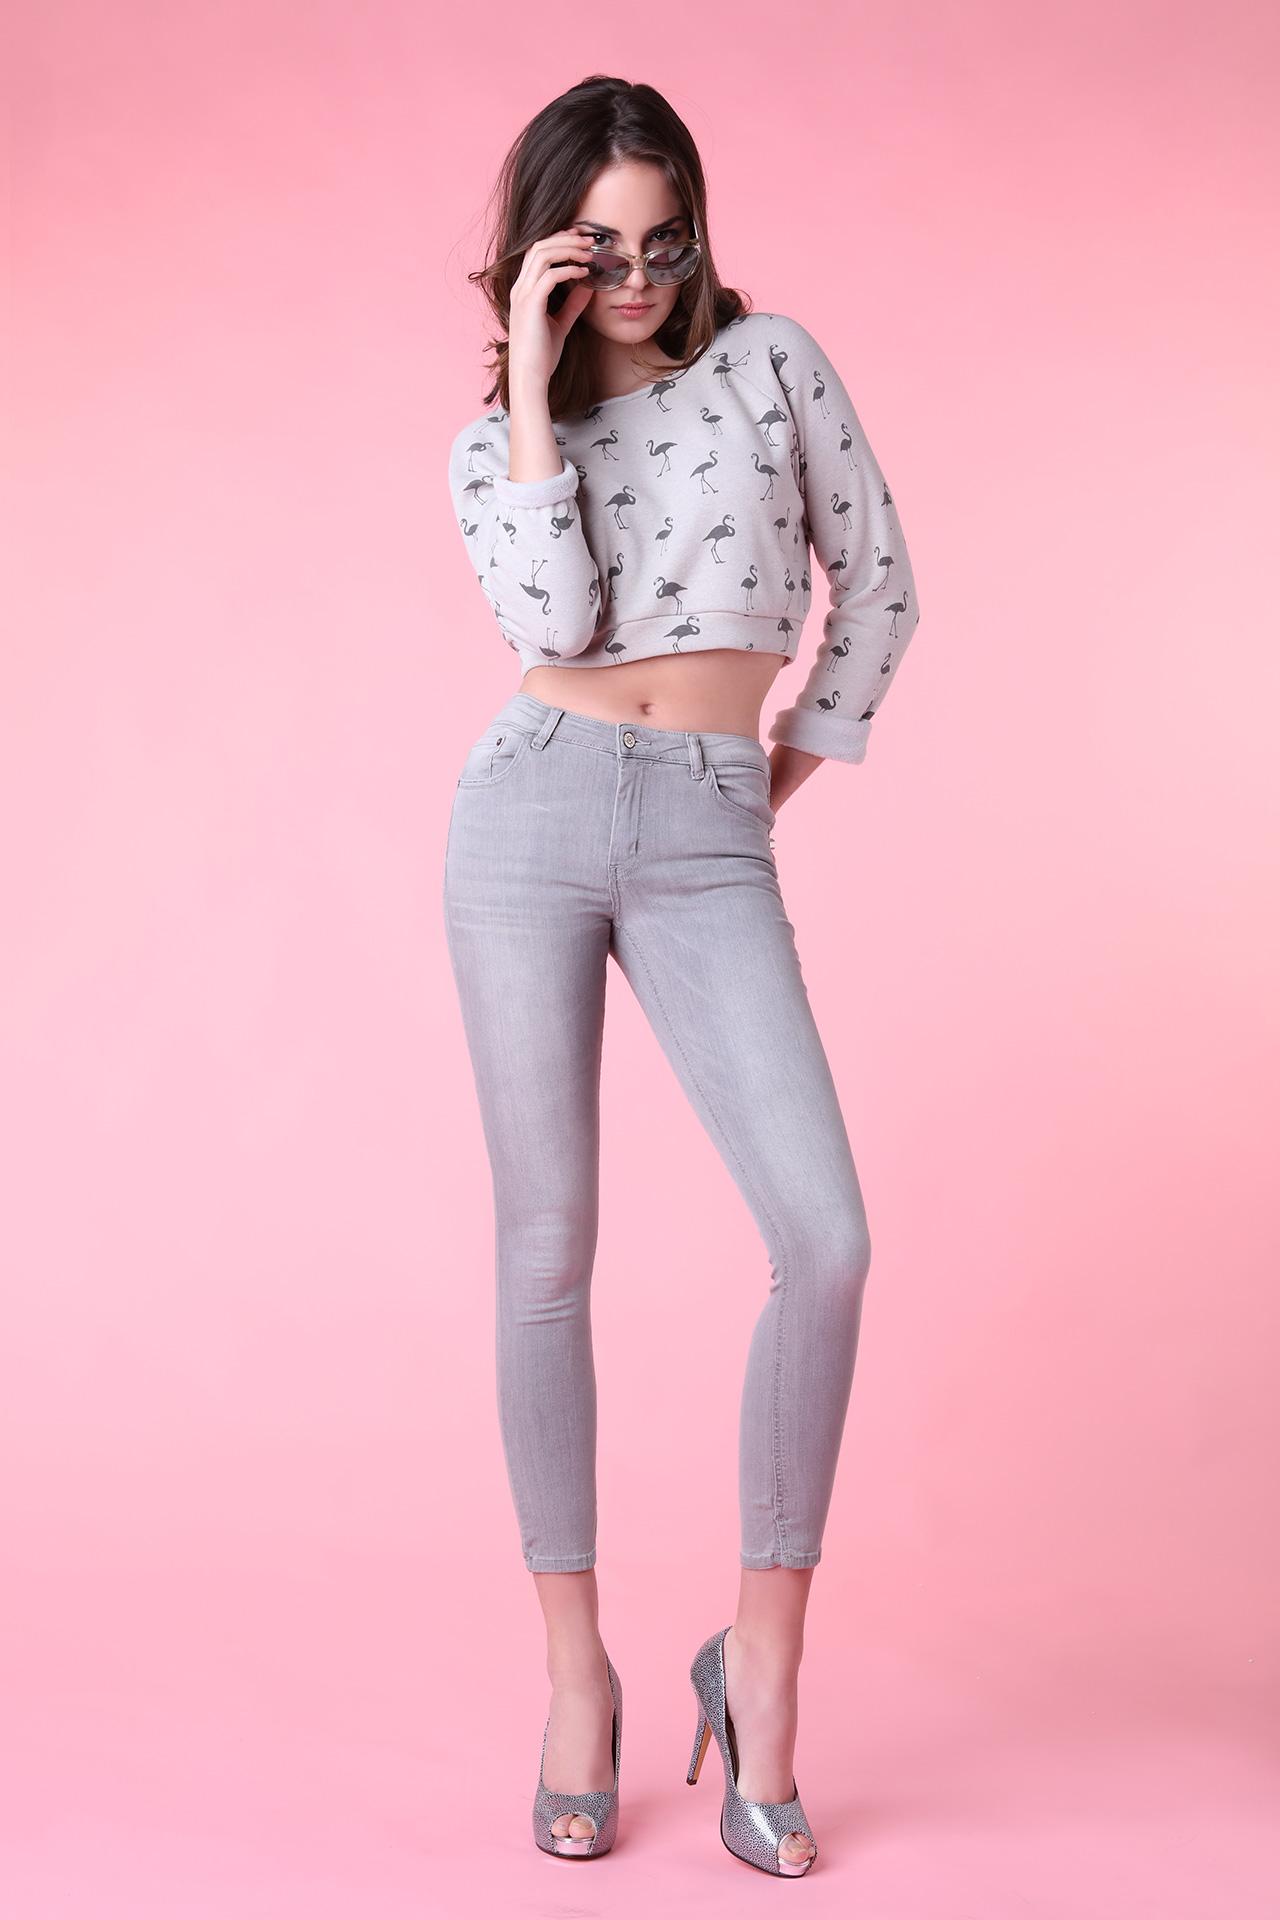 Sweatshirt court gris avec flamants (Look 1 en pied)